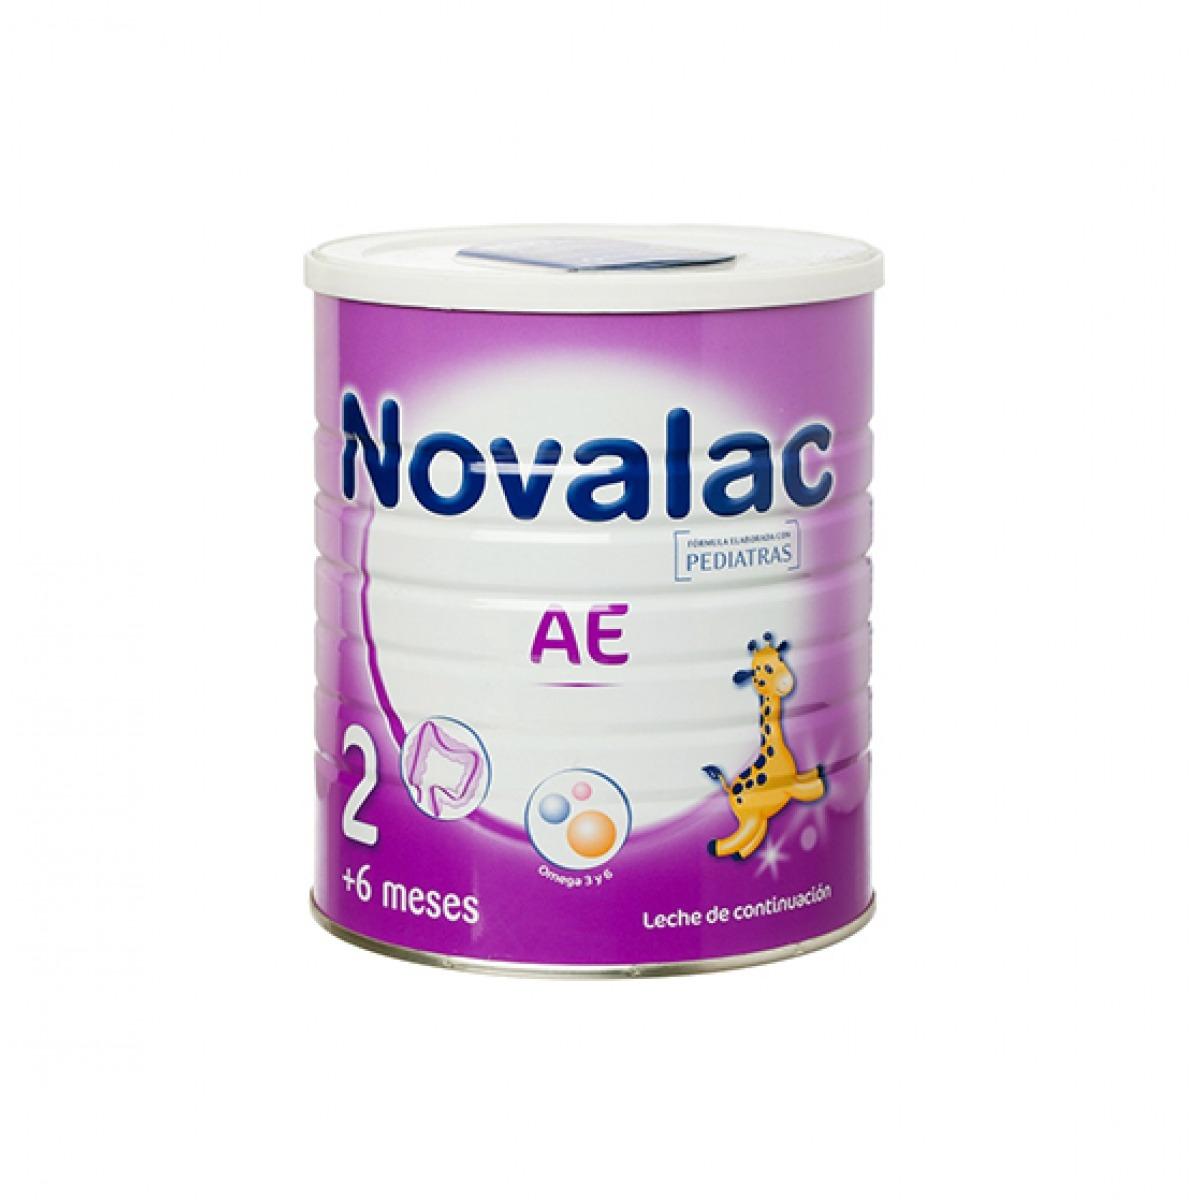 NOVALAC AE 2 LECHE DE CONTINUACIN 800 G.